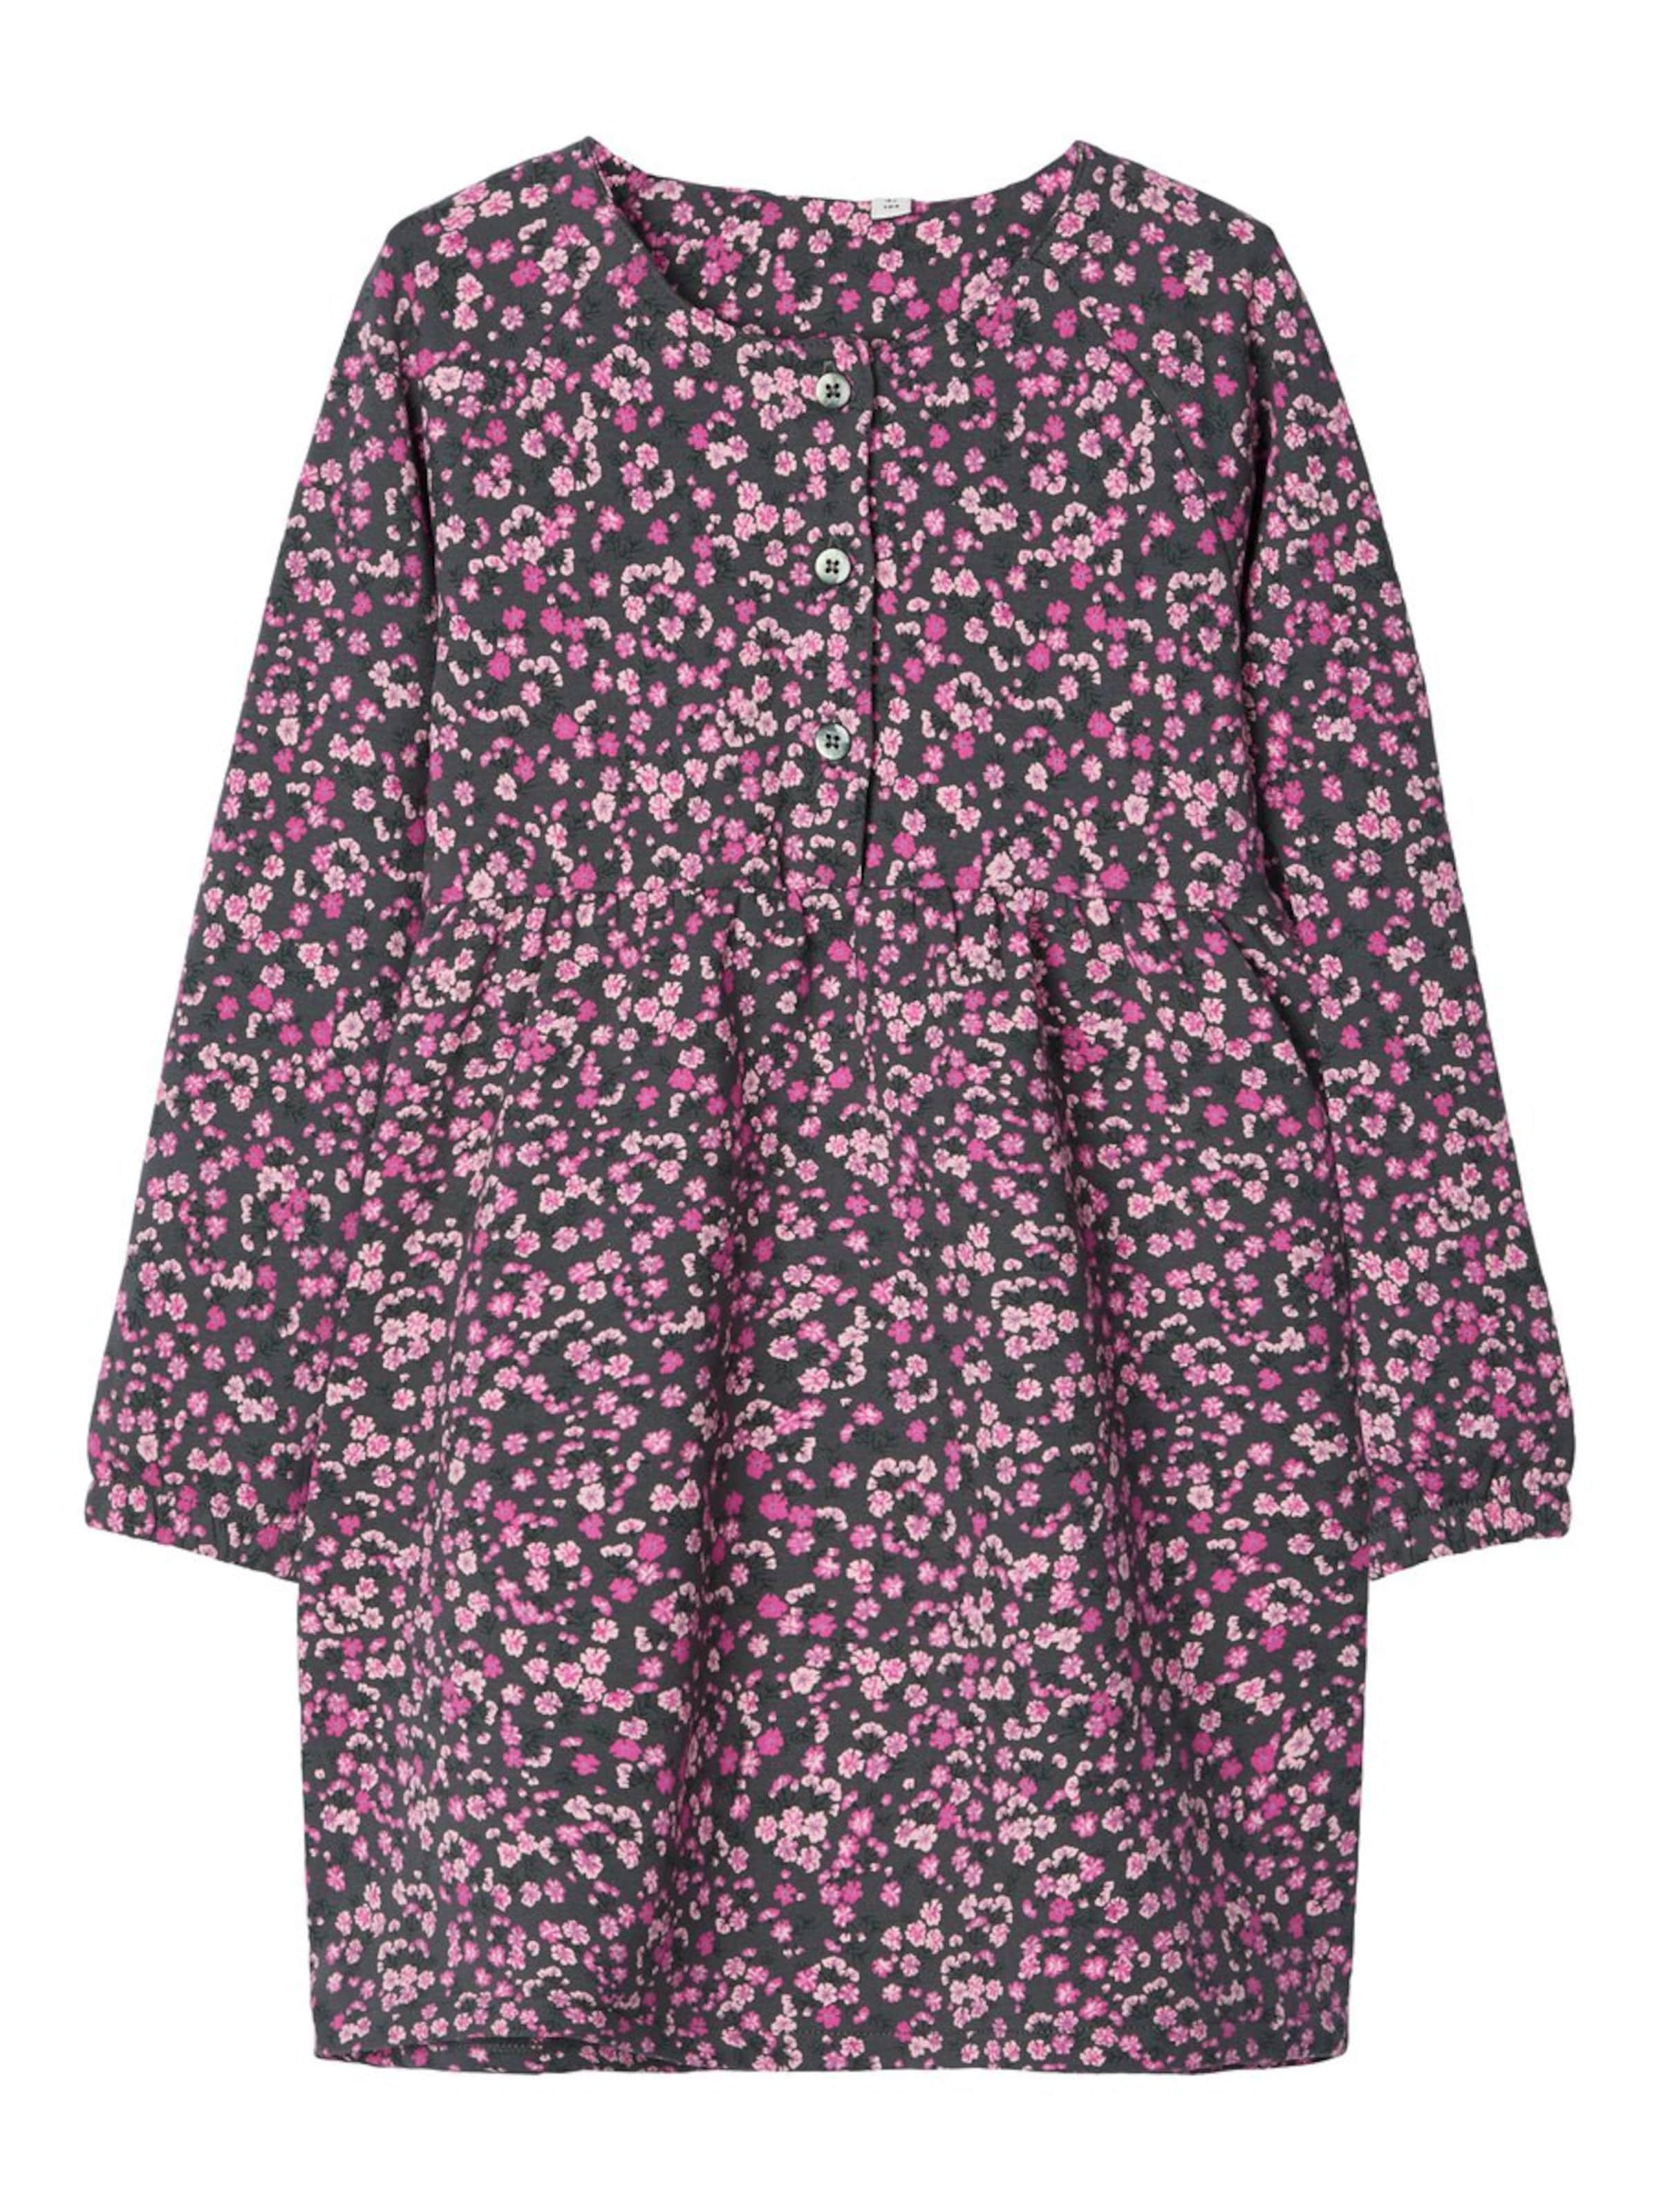 Kinder,  Mädchen,  Kinder NAME IT Kleid braun, grau,  pink, rot, schwarz | 05714500874584